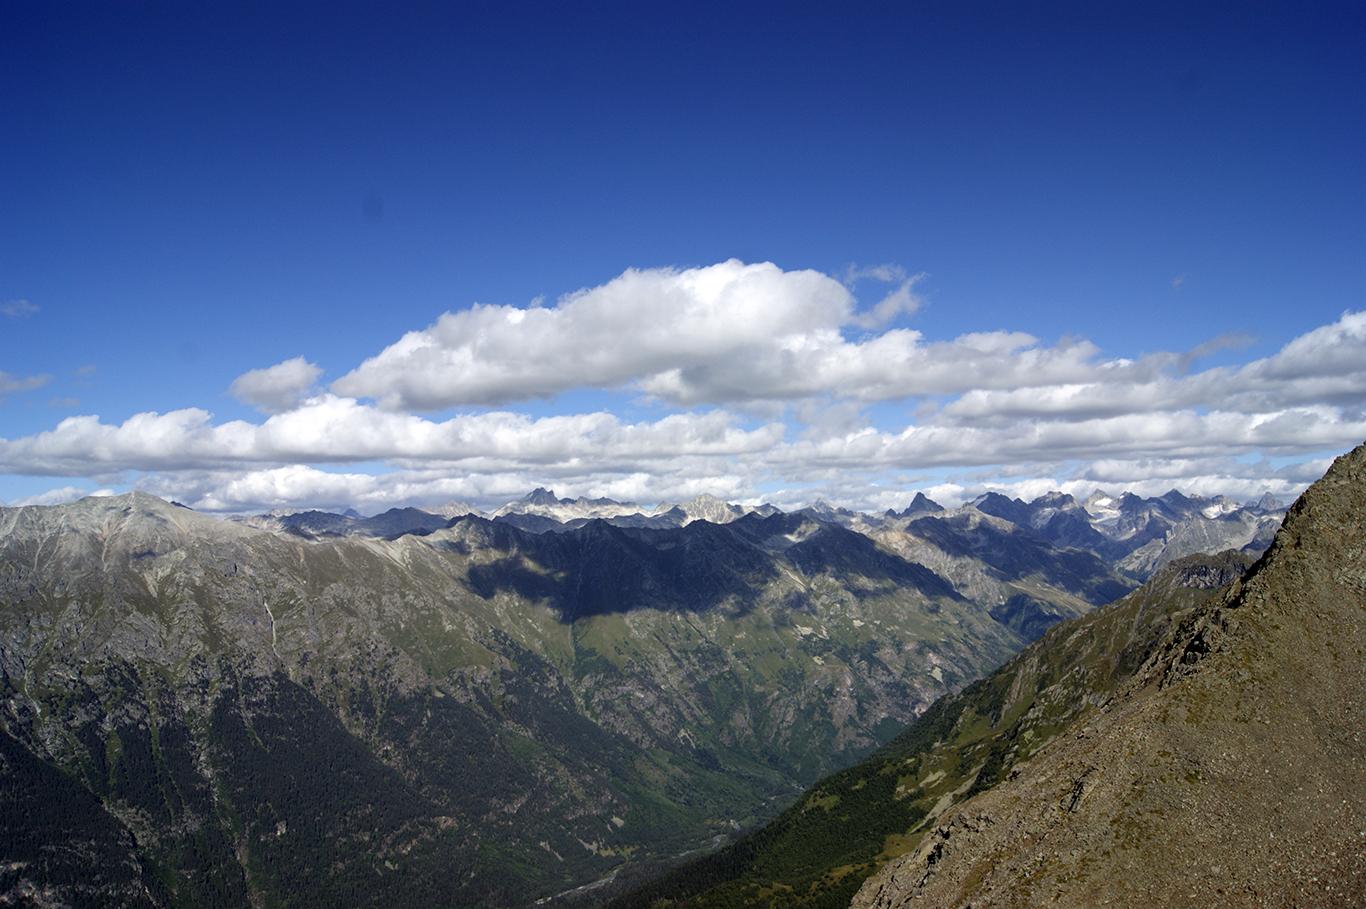 Вид с обратной стороны горы Муса Ачитара. Четвертая очередь канатной дороги, начало пятой очереди. Обходите гору и любуетесь.